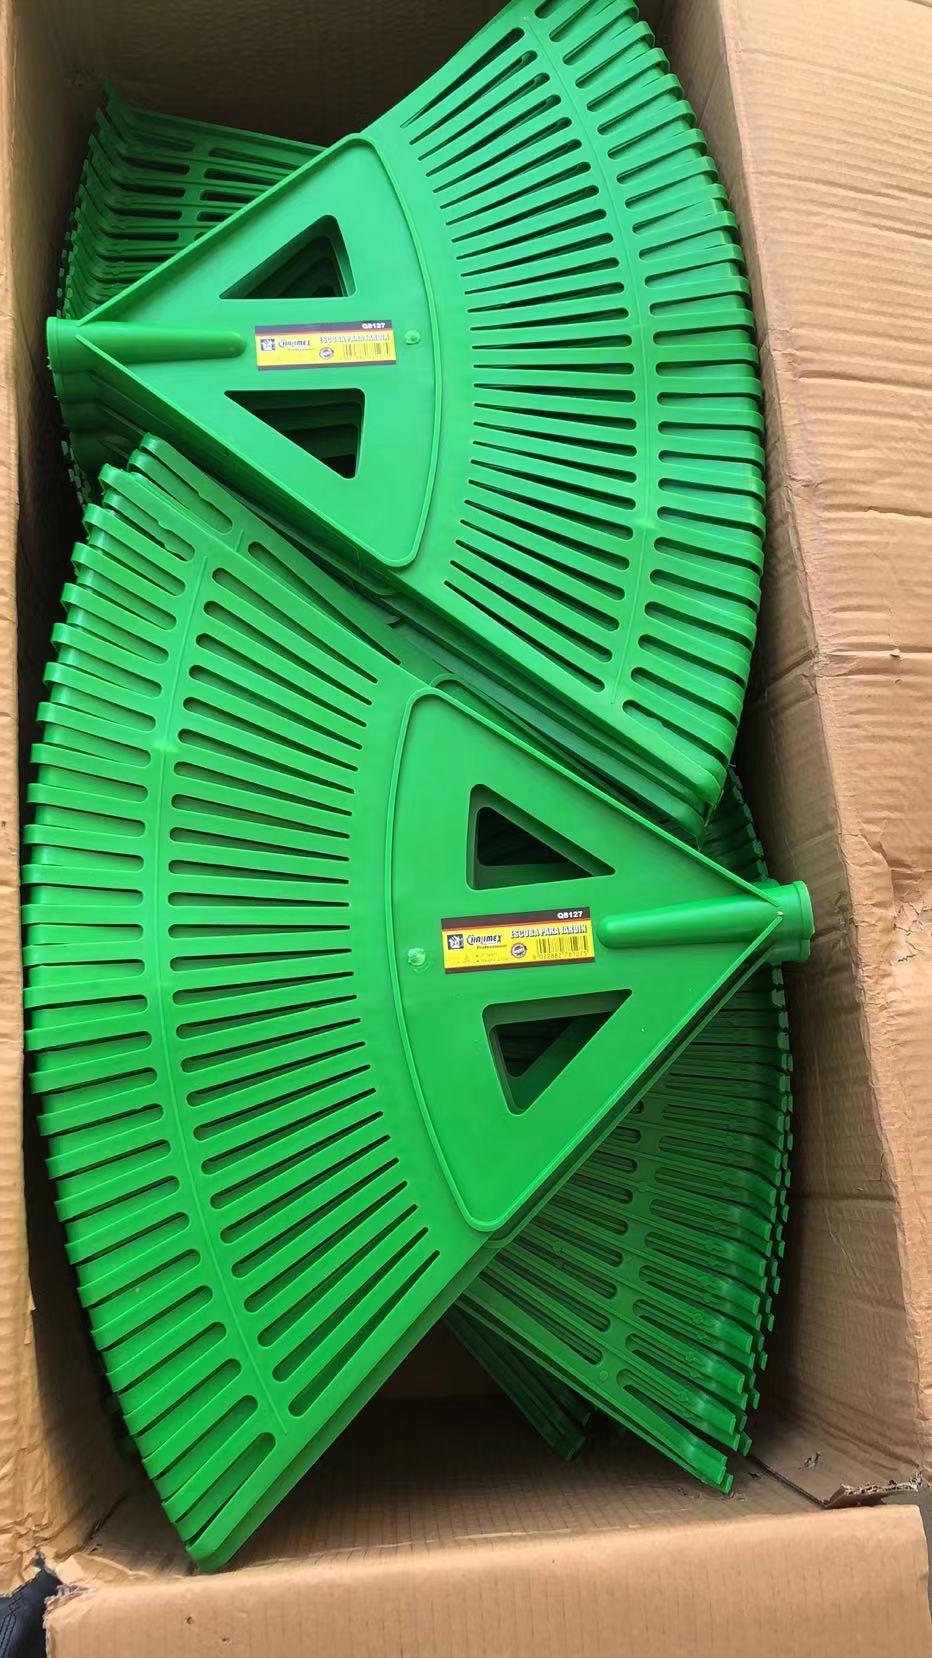 塑料耙草耙铁耙园林耙花园工具耙子牛齿耙园林工具